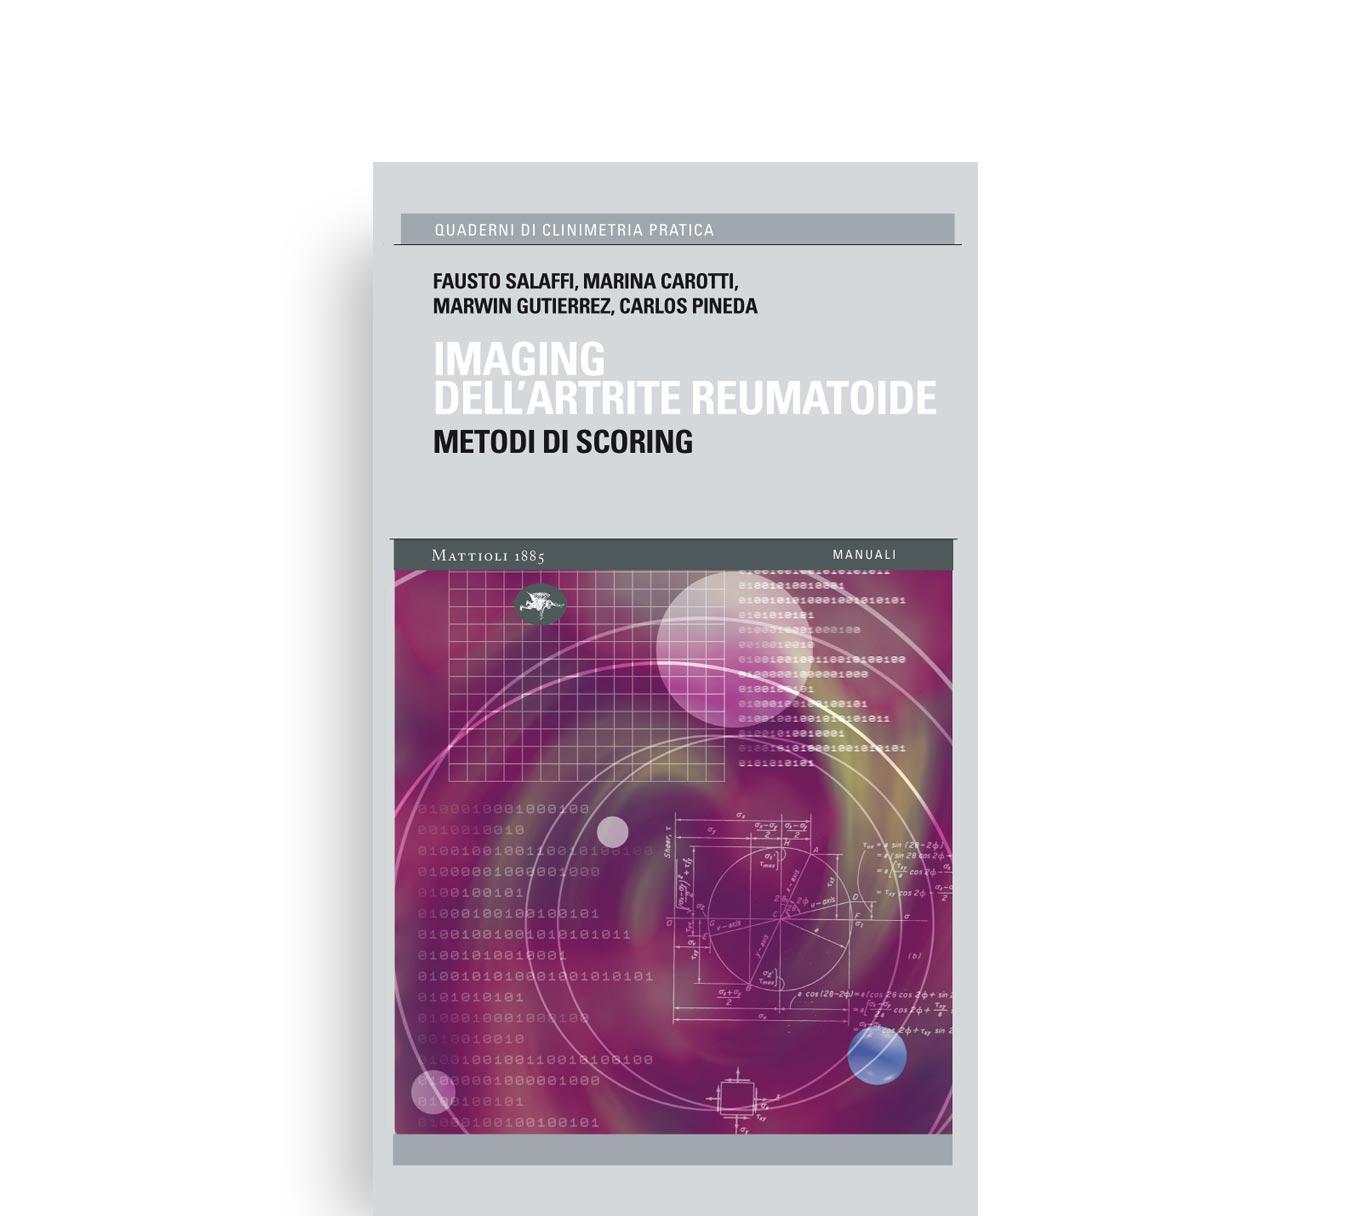 Imaging dell'artrite reumatoide - Metodi di scoring